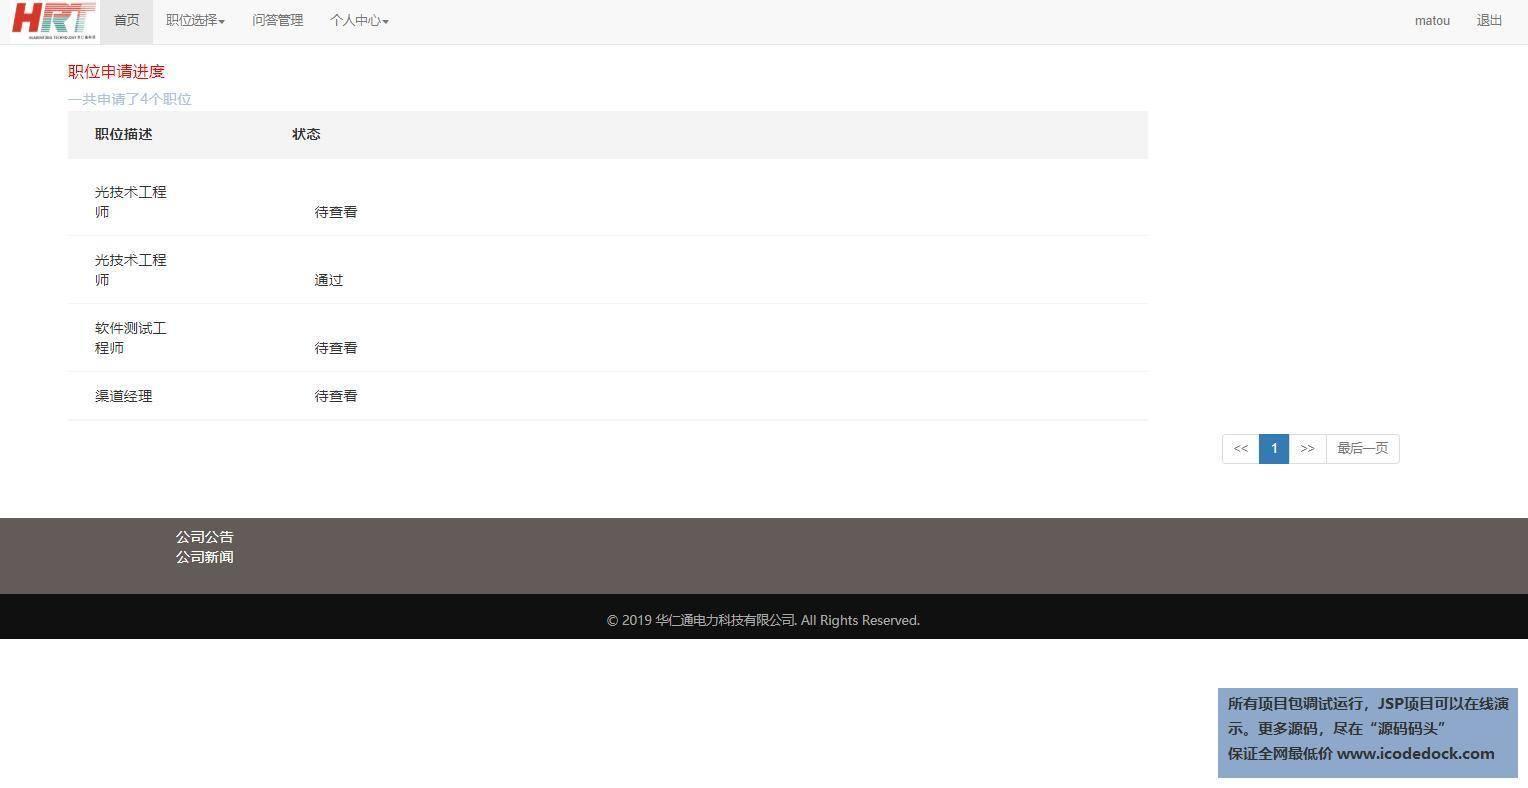 源码码头-SpringBoot招聘网站项目-用户角色-查看我的申请